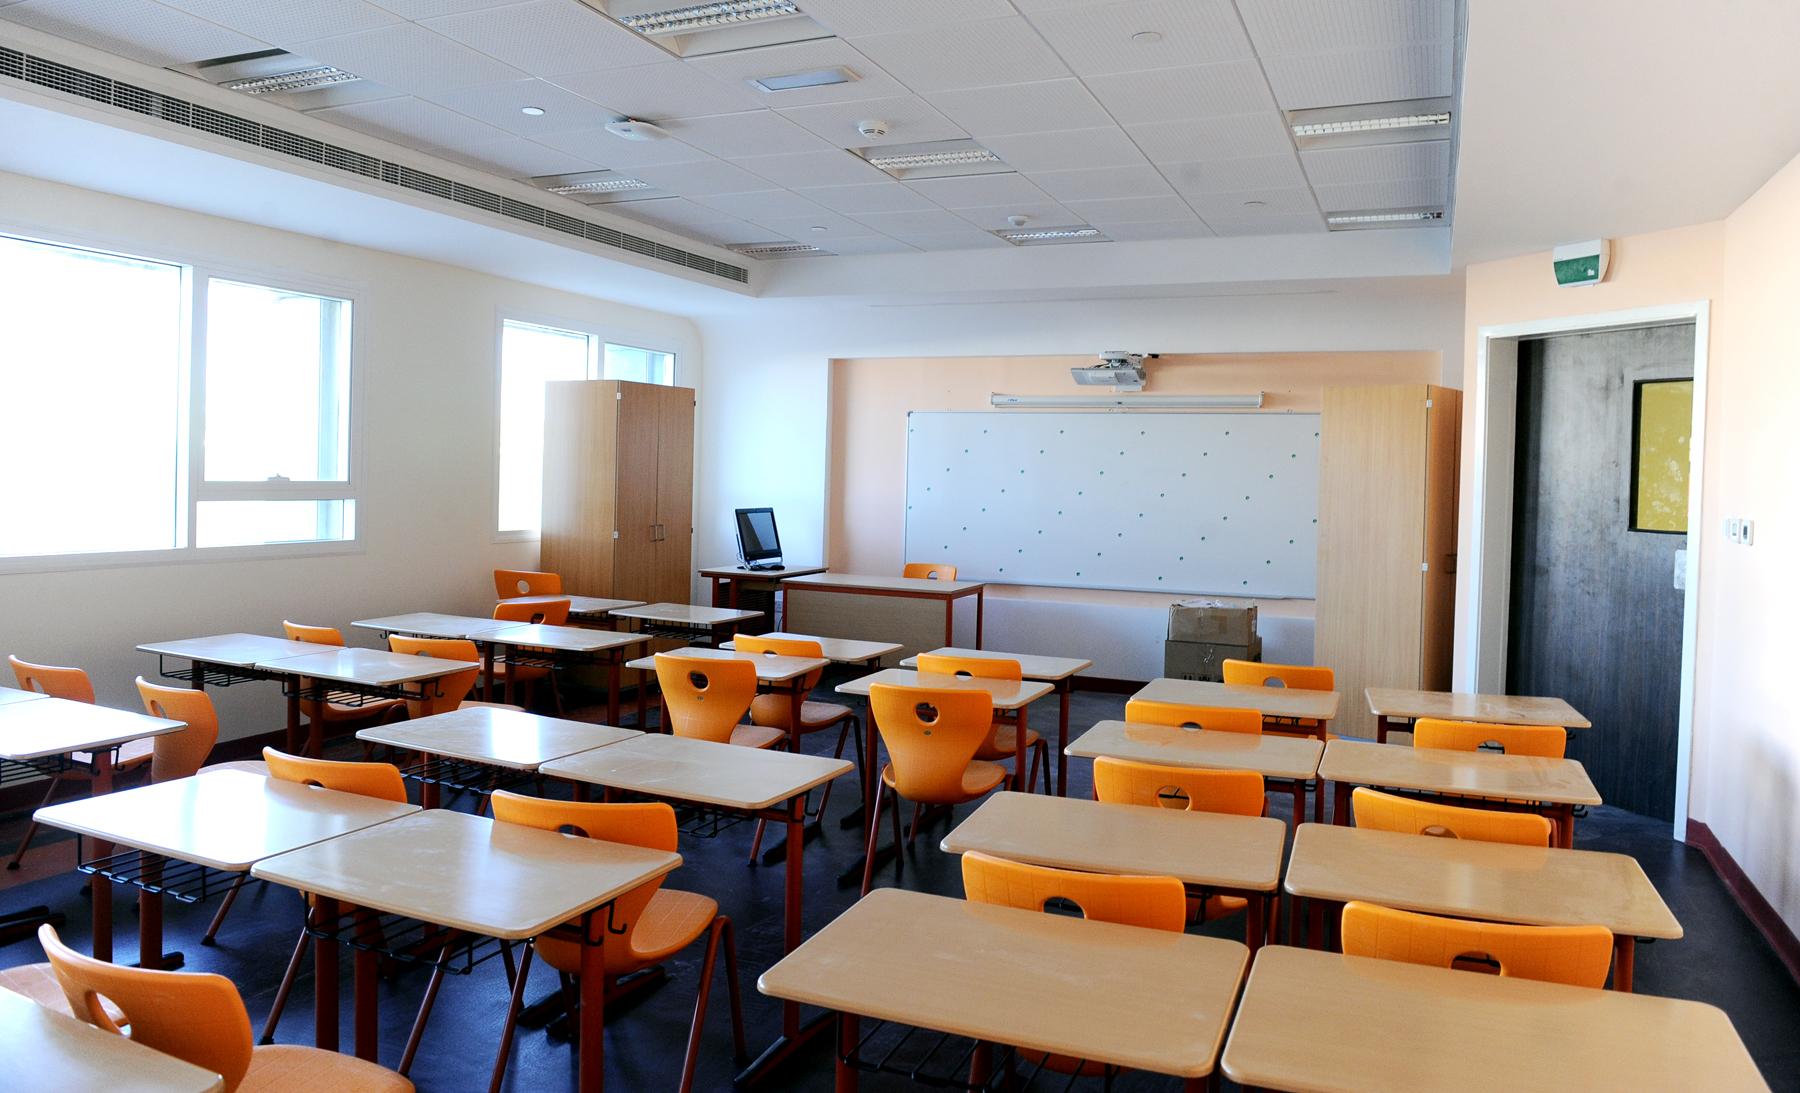 صوره قصص مرعبة حقيقية عن المدارس